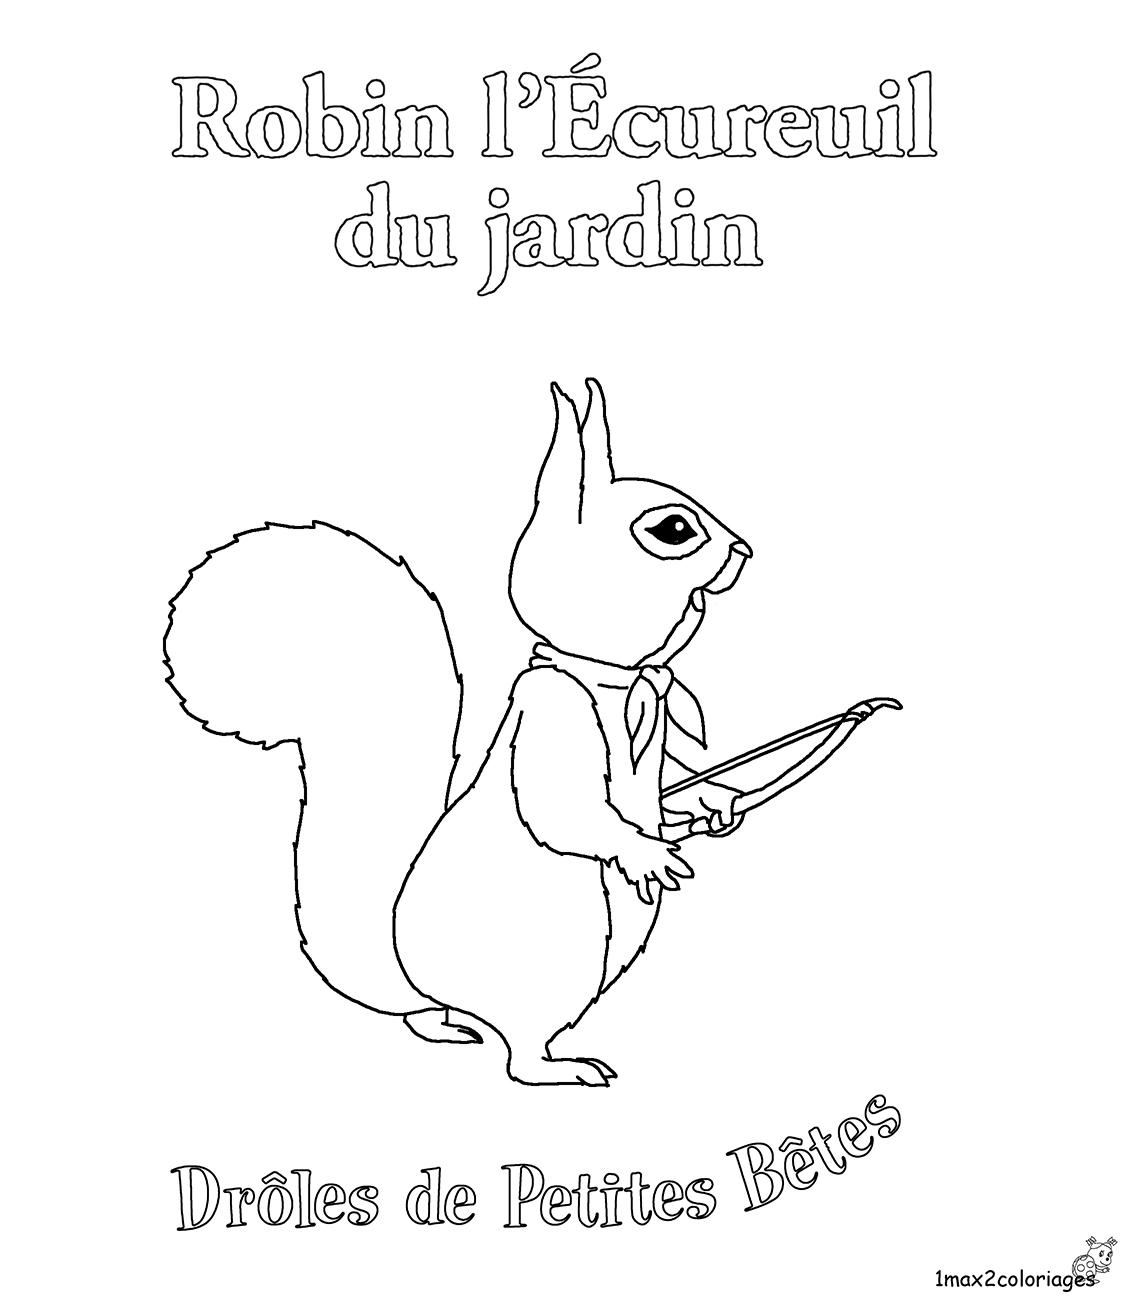 Coloriages des dr les de petites b tes robin l 39 cureuil du jardin - Coloriage petit ecureuil ...